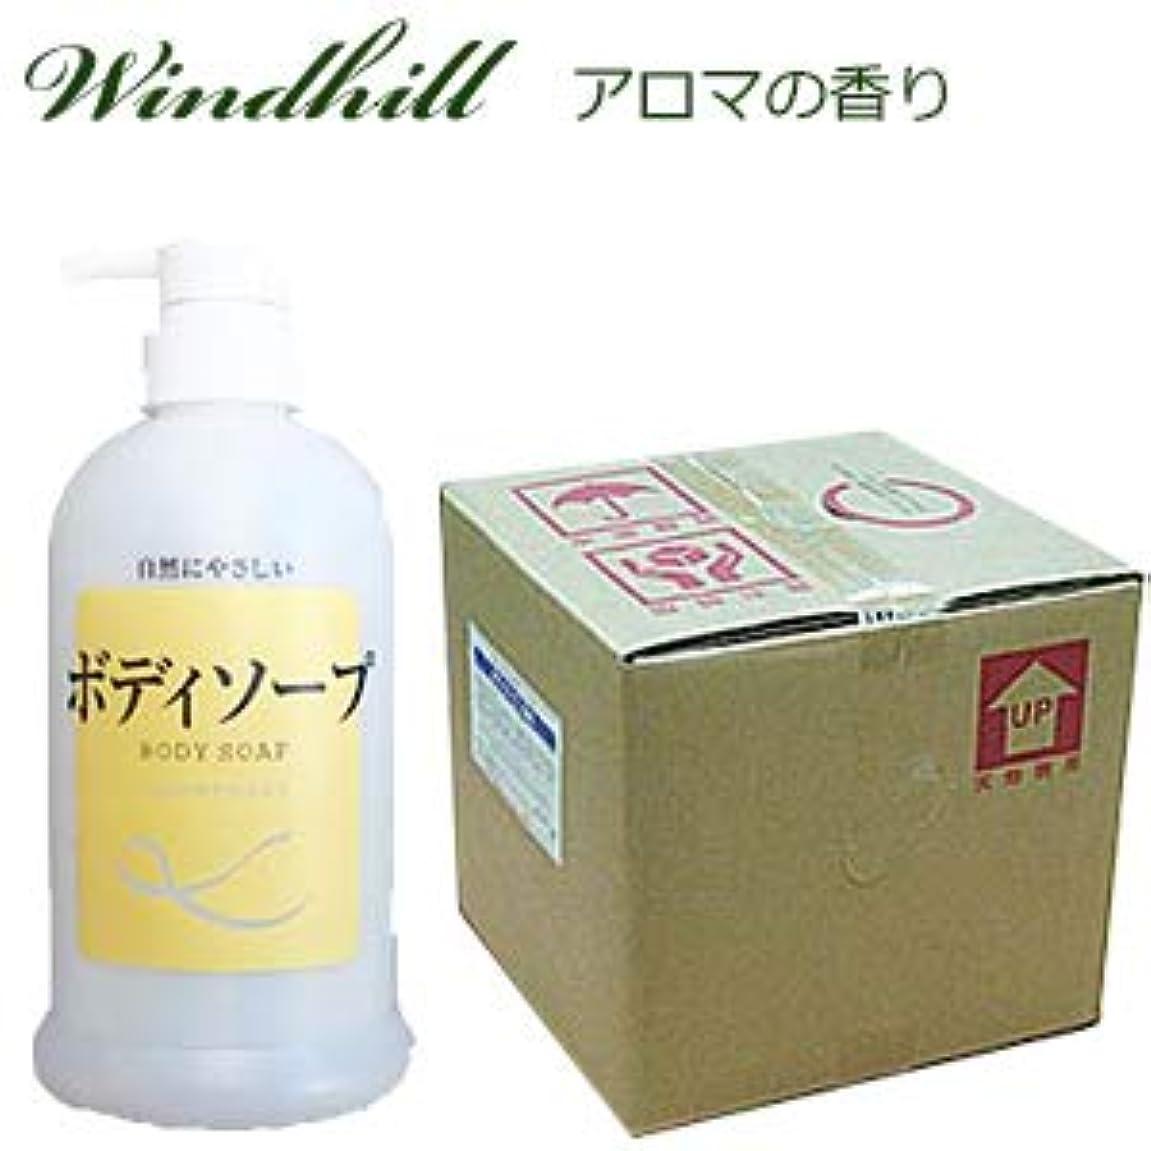 どれ彼らのもの保持するなんと! 500ml当り188円 Windhill 植物性業務用 ボディソープ  紅茶を思うアロマの香り 20L